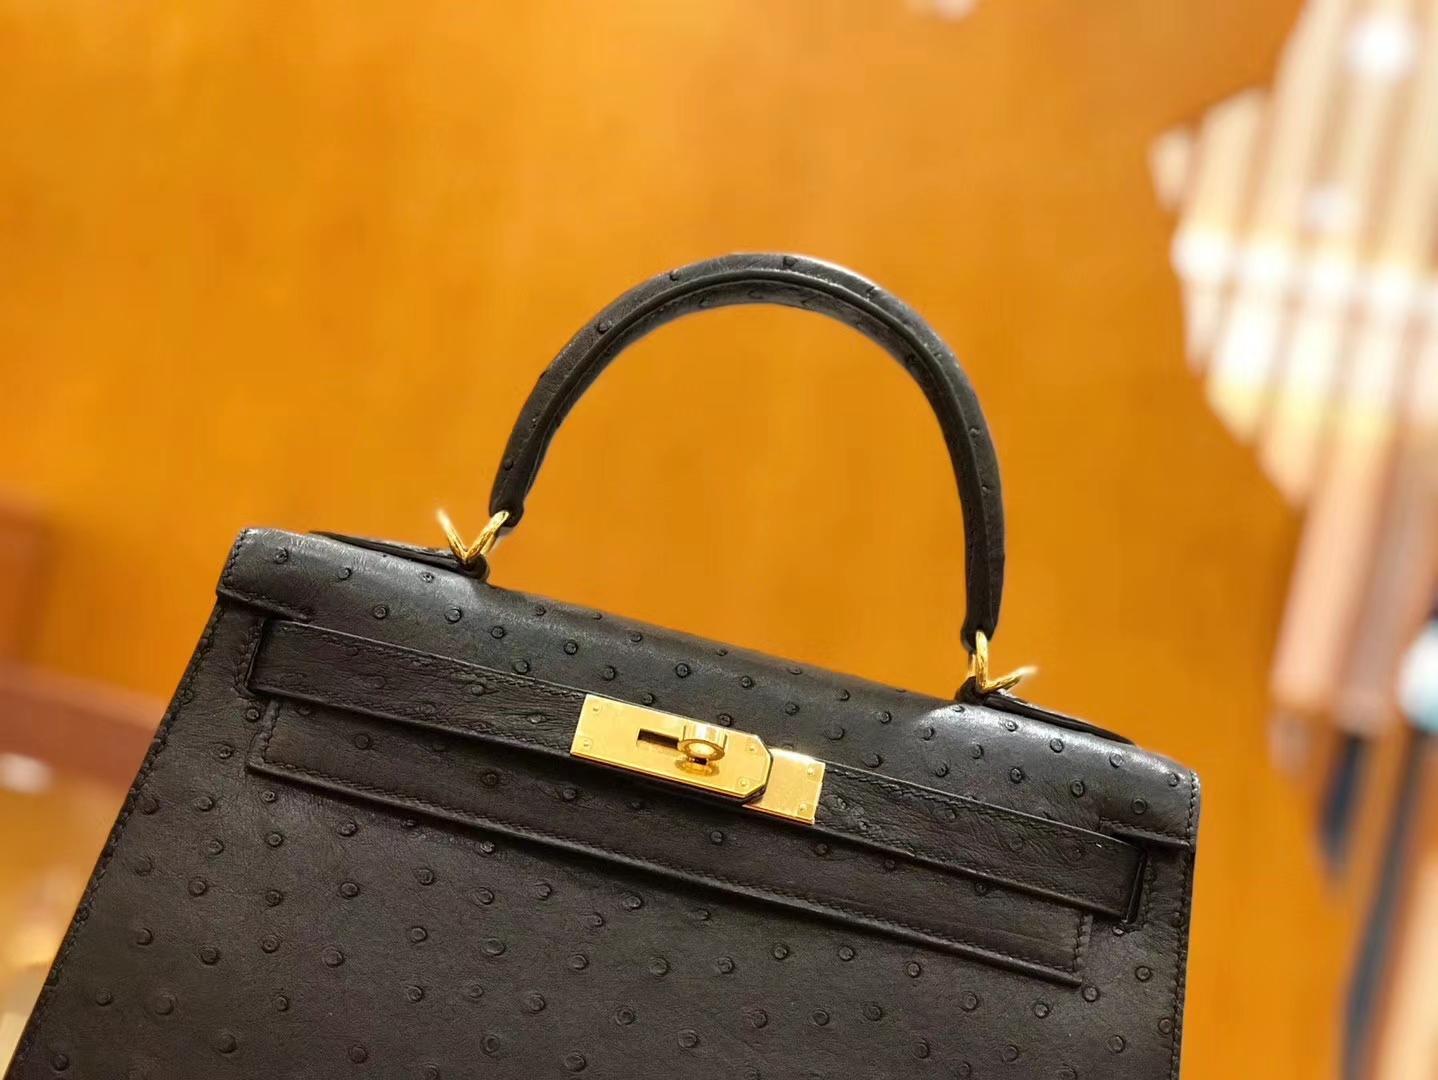 Hermès(爱马仕)Kelly 28cm 经典黑 金扣 南非kk级鸵鸟皮 原版蜜蜡线 顶级手工缝制